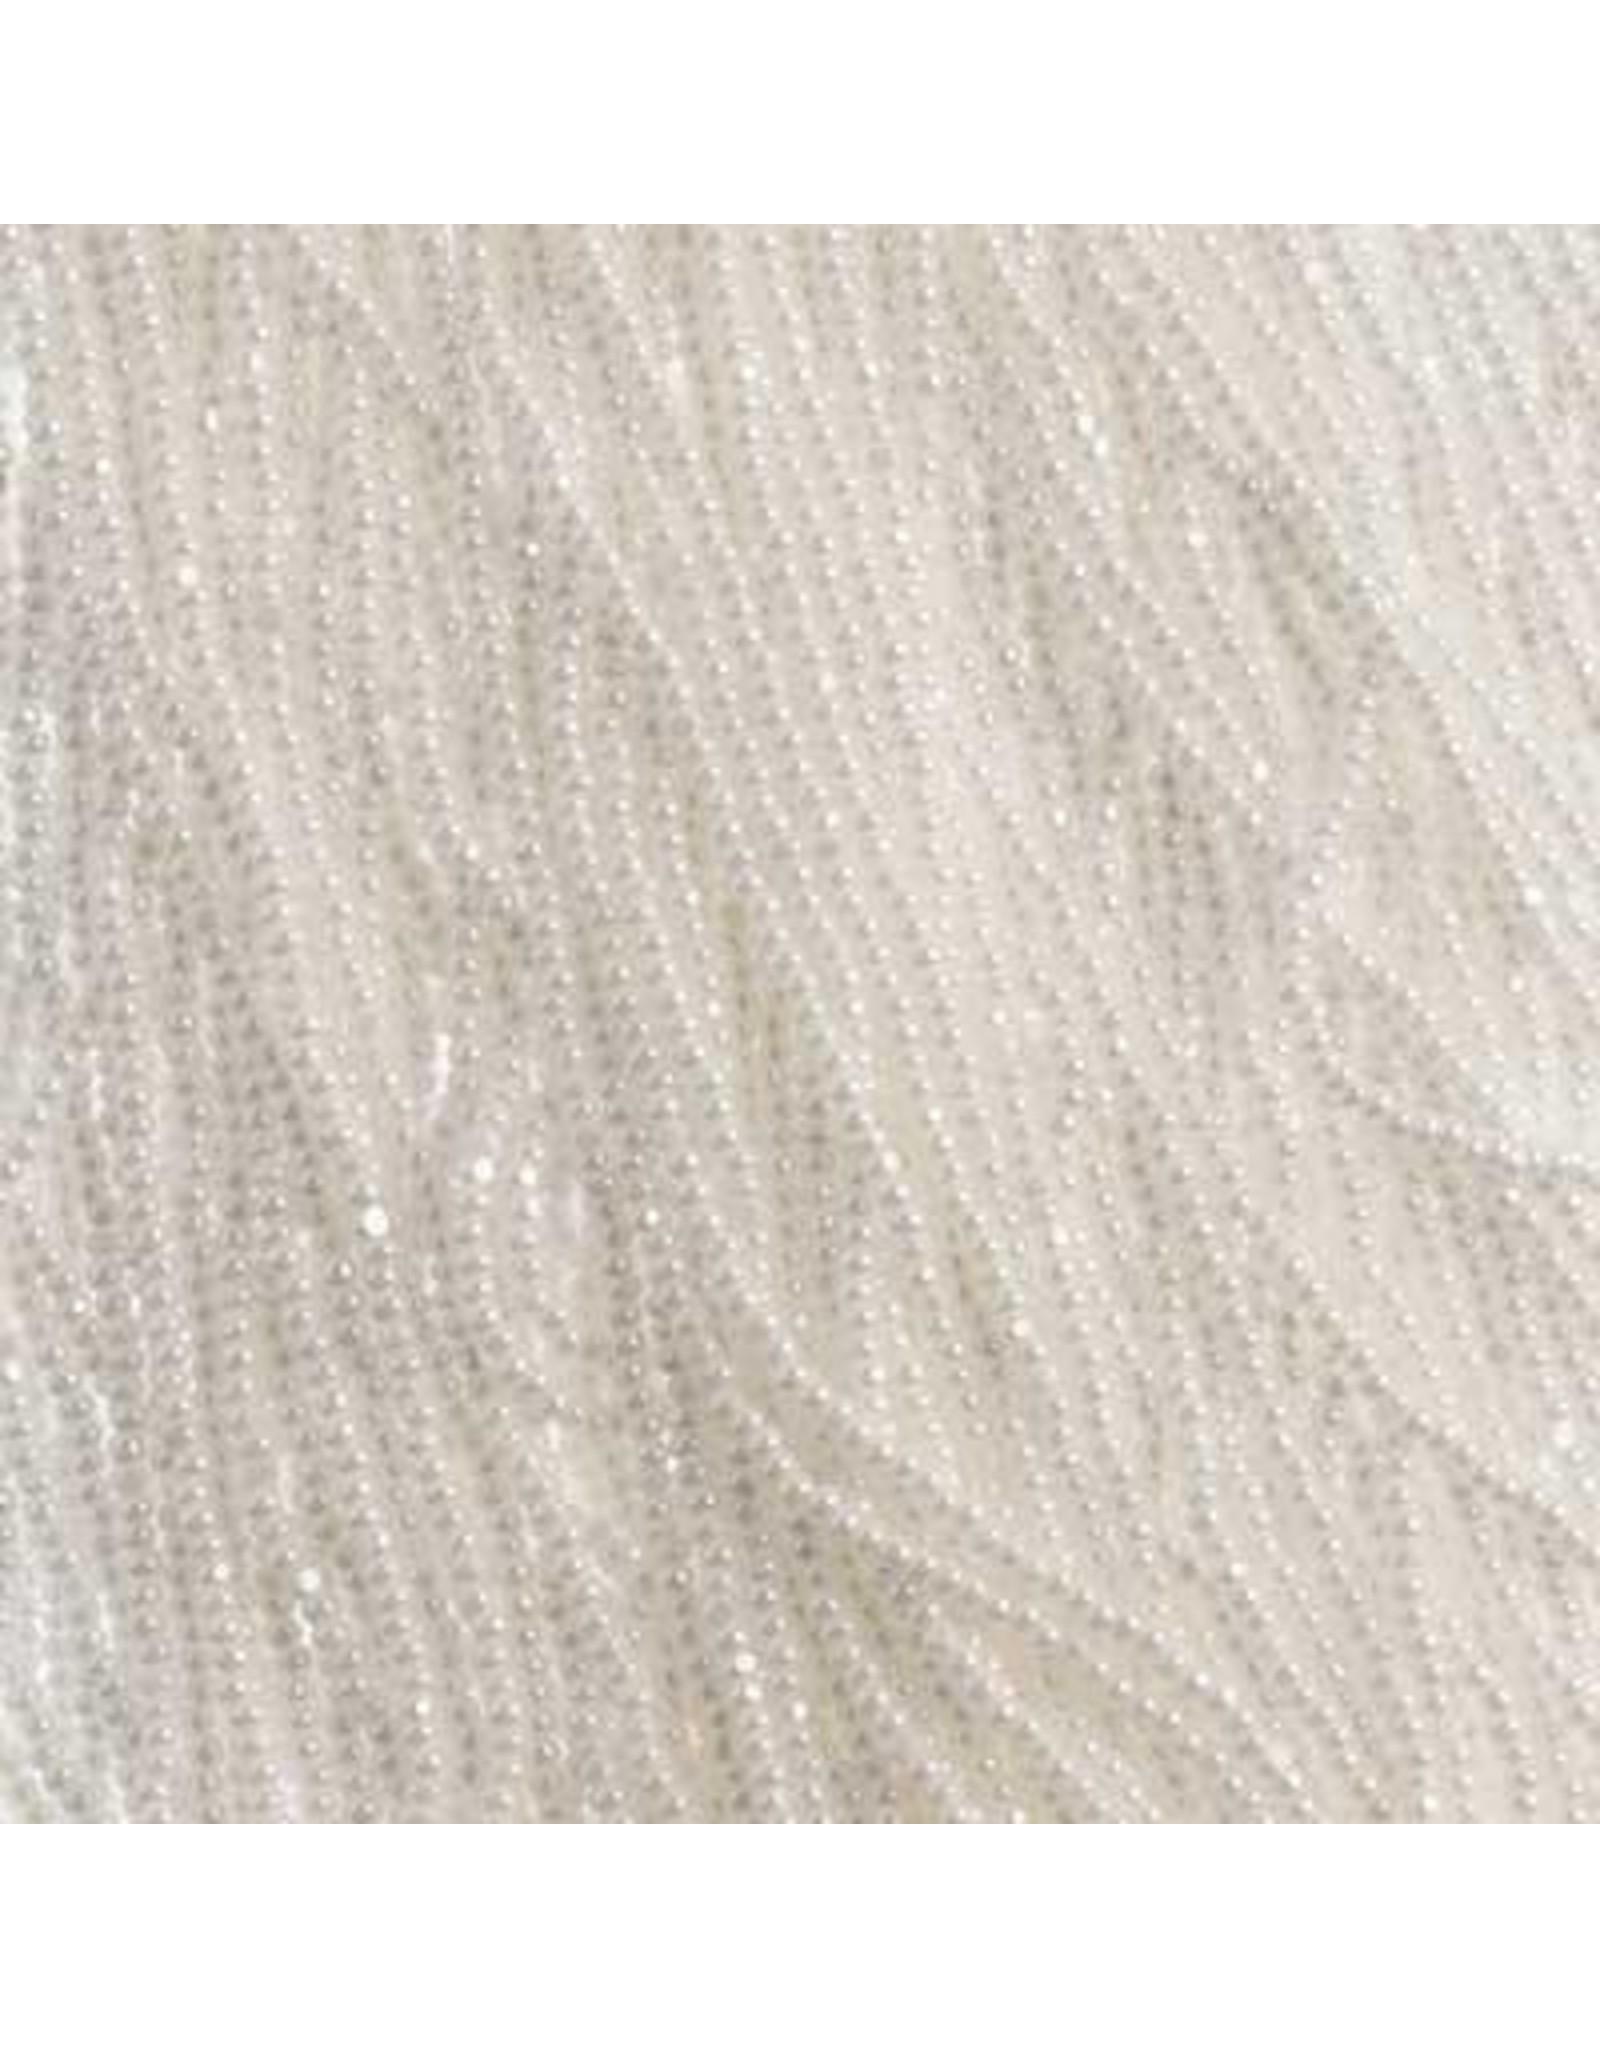 Czech 01024 13/0 Charlotte Cut Czech Seed Hank 12g Opaque White L:ustre